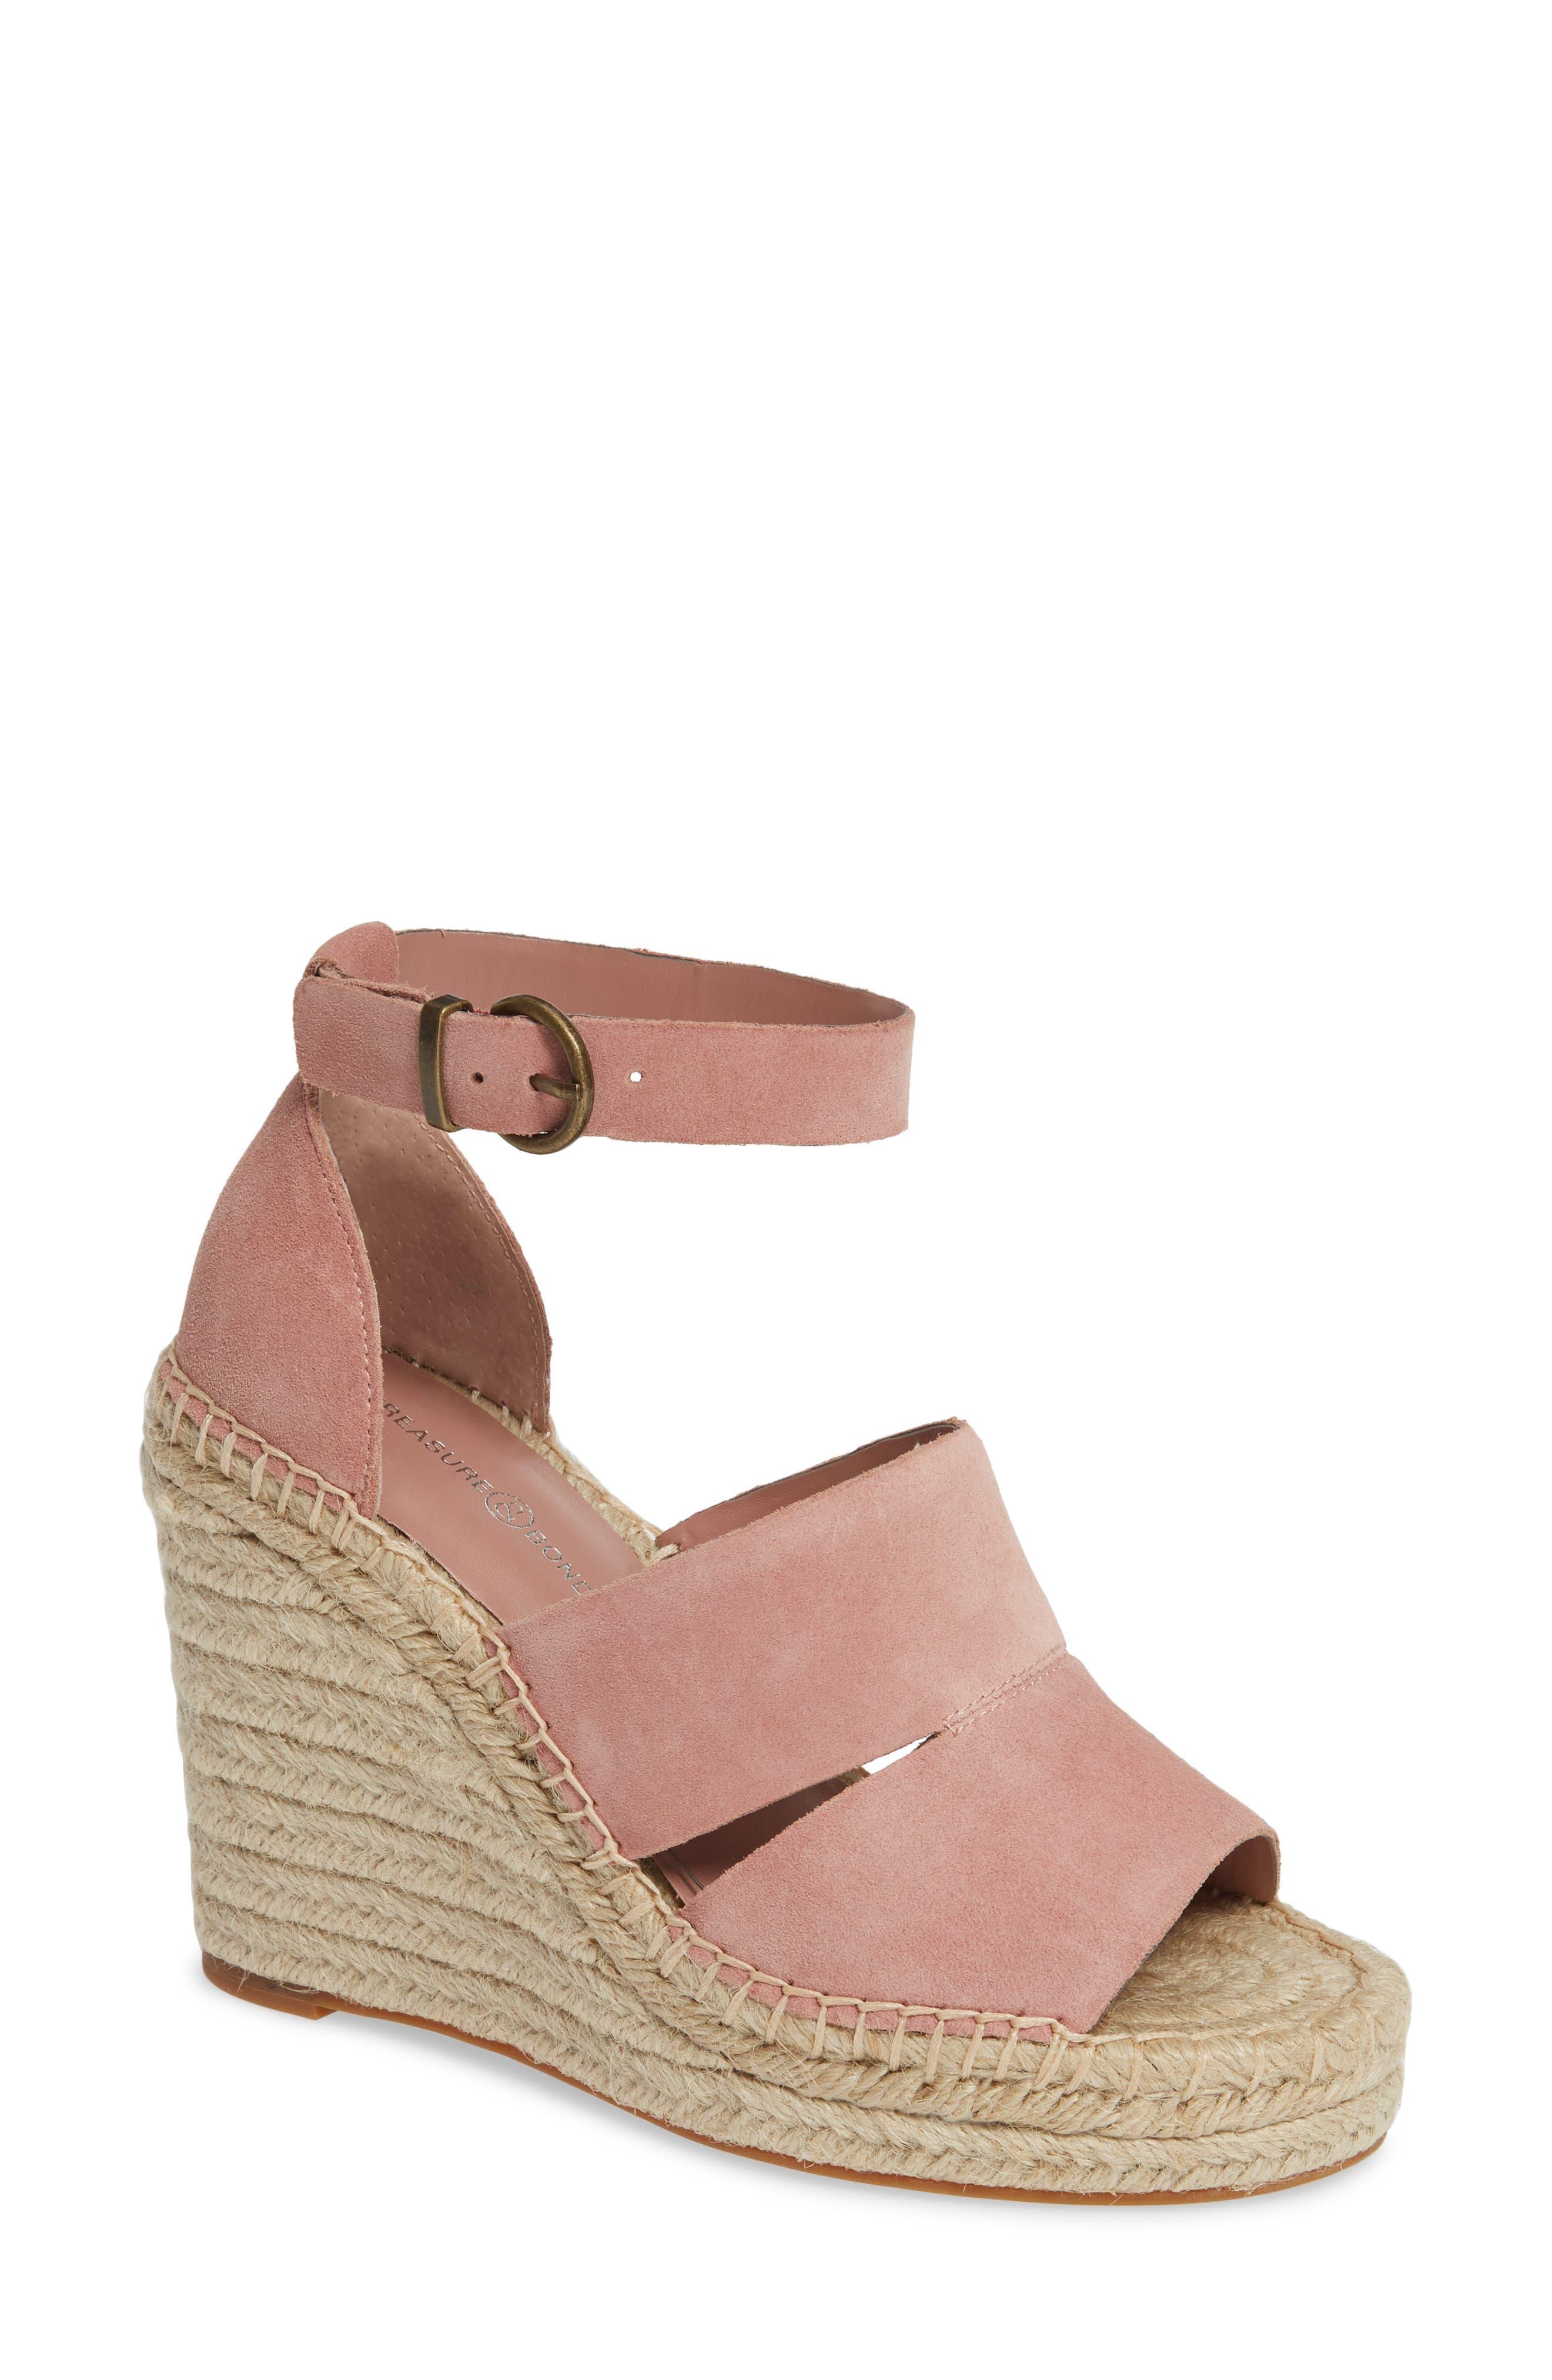 359d3eec5d6 Women s Sandals Nordstrom-Exclusive Brands